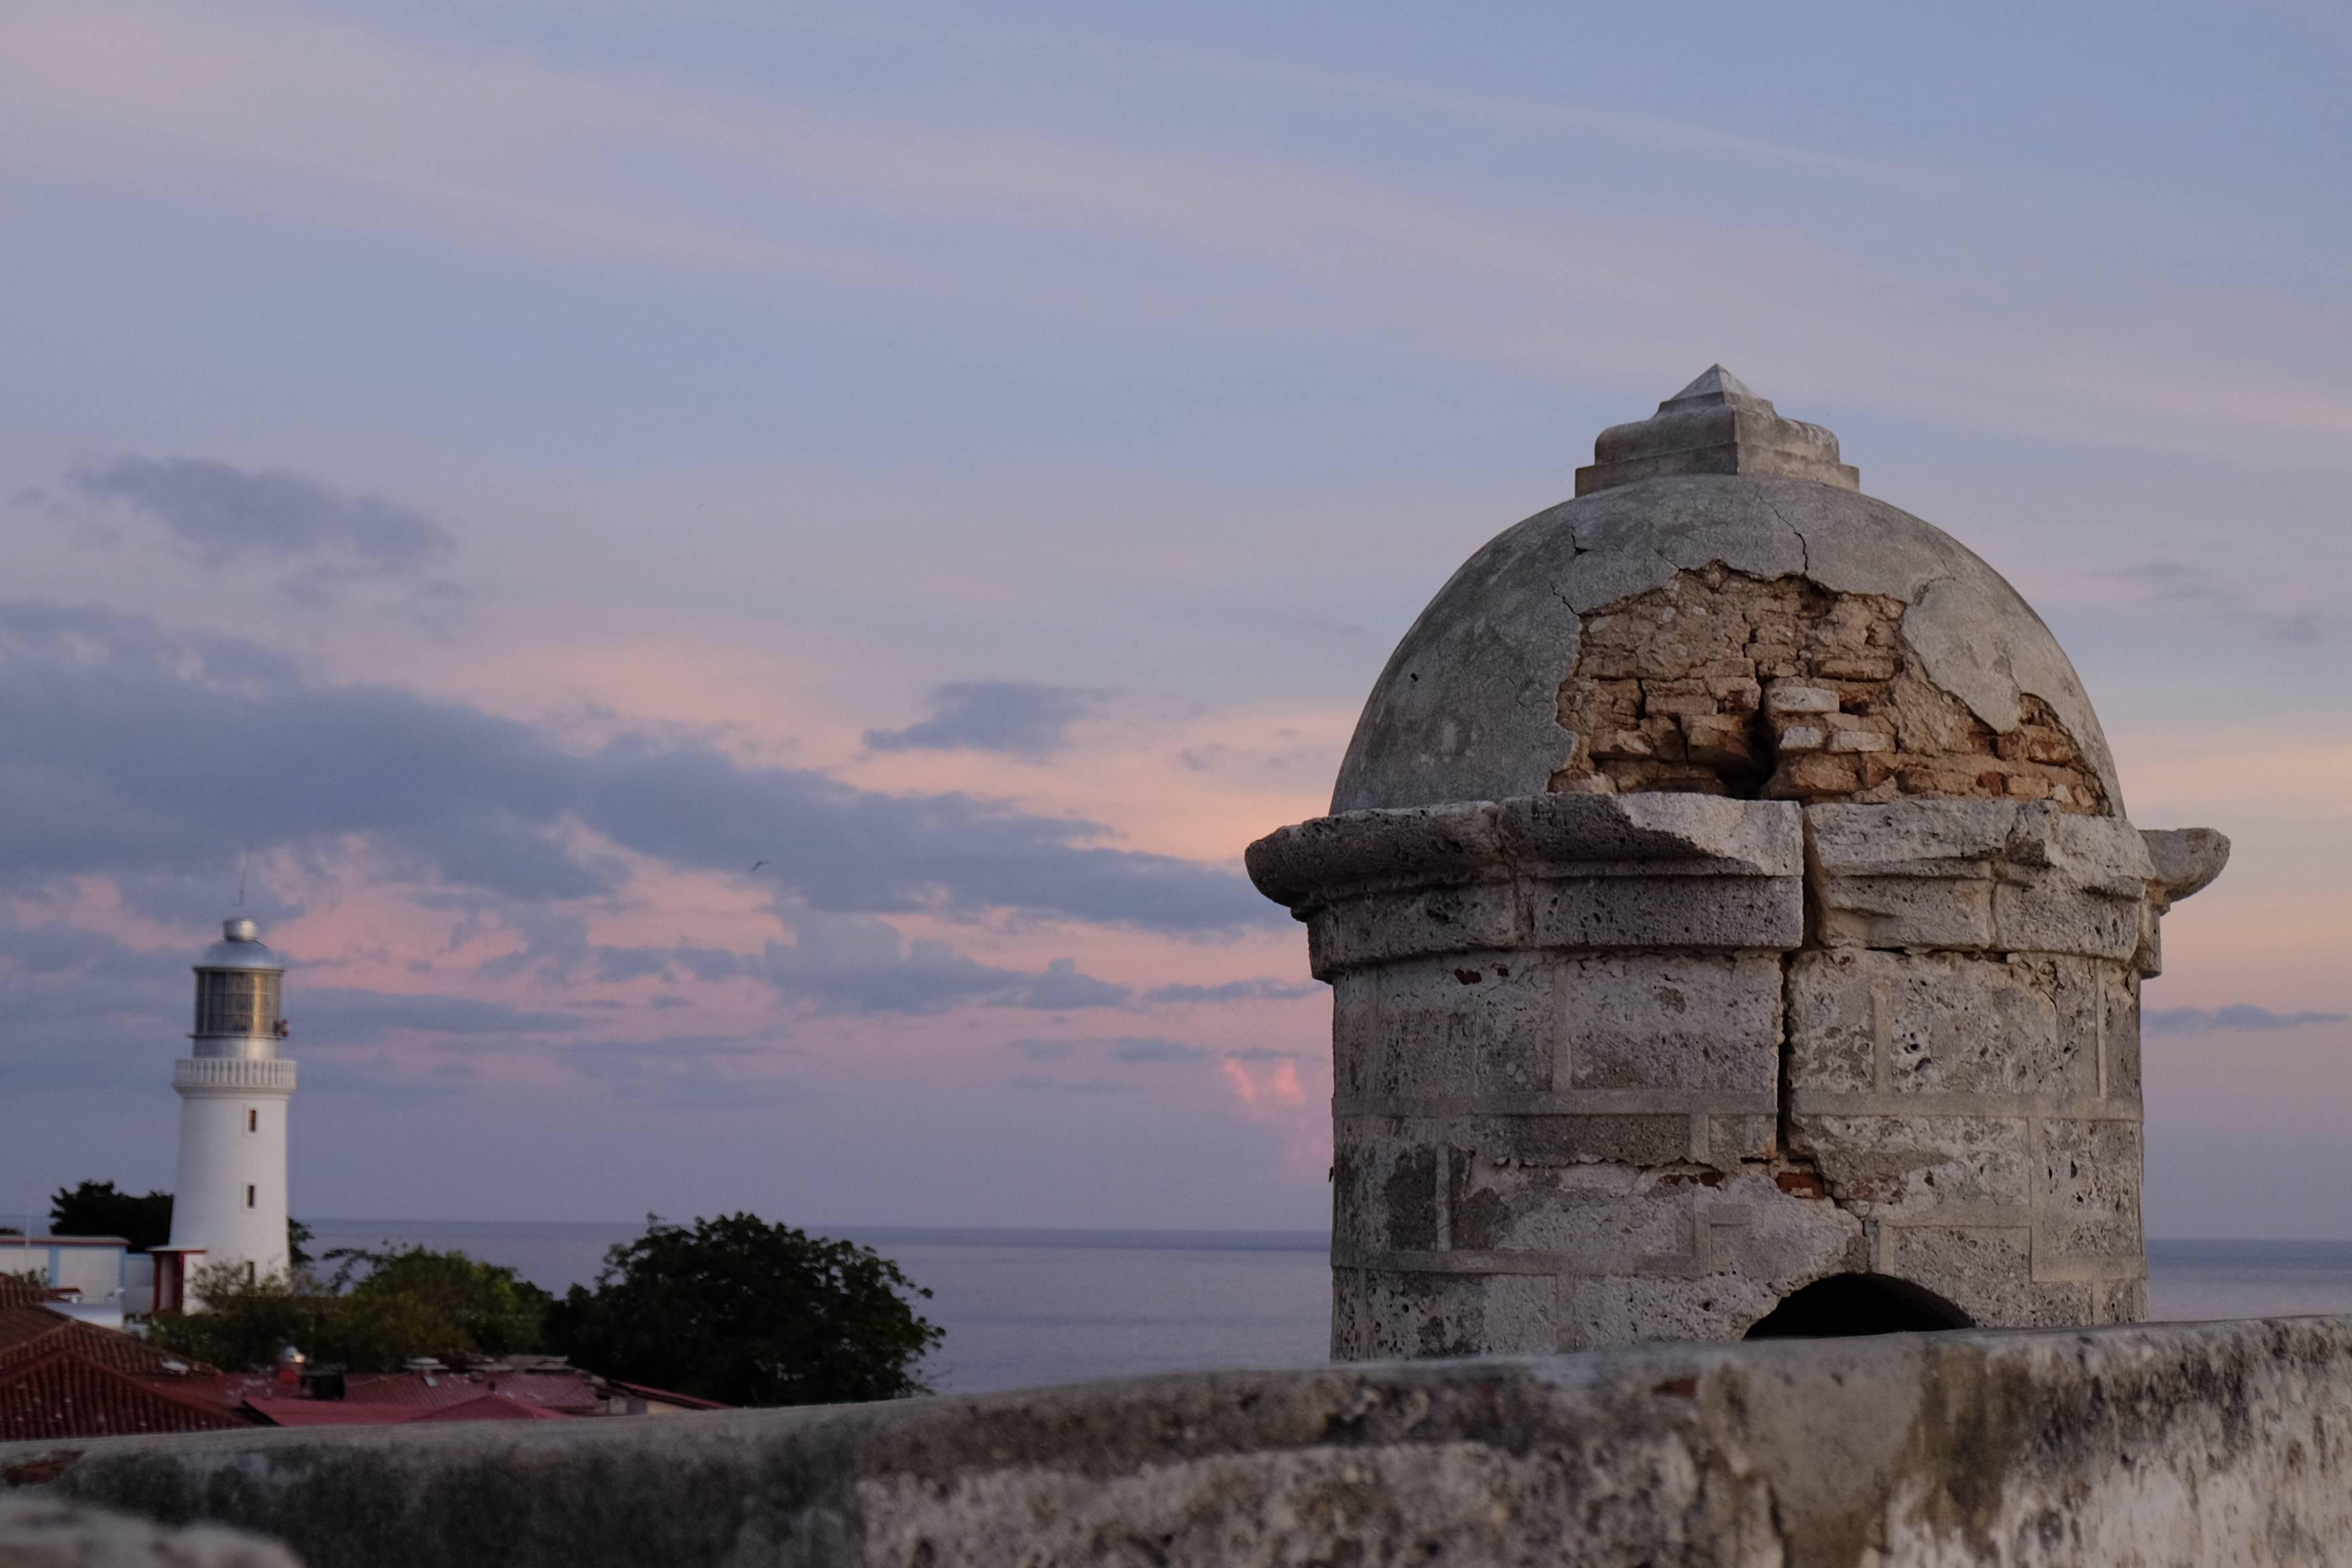 Photo 3: El Morro, mais au coucher de soleil !